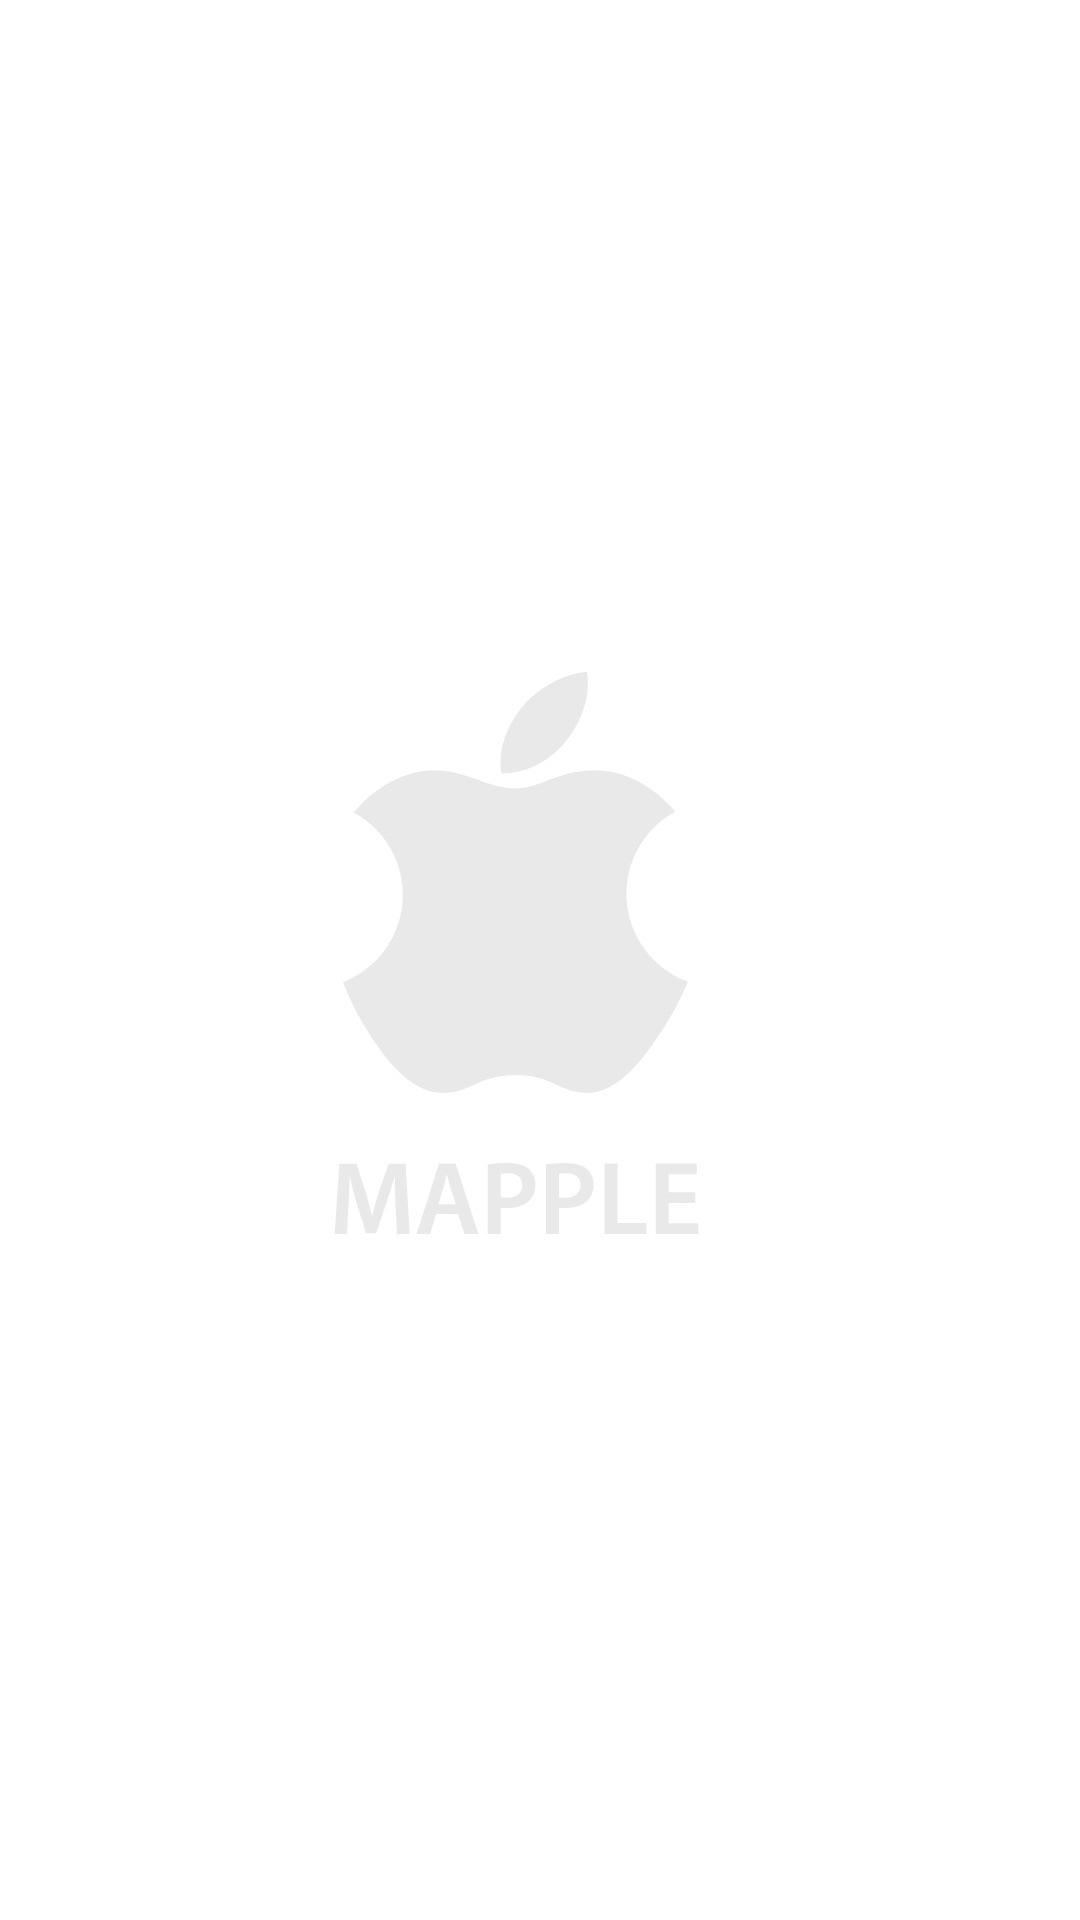 iPhone 8 Plus,7 Plus,6s Plus 壁紙 0854